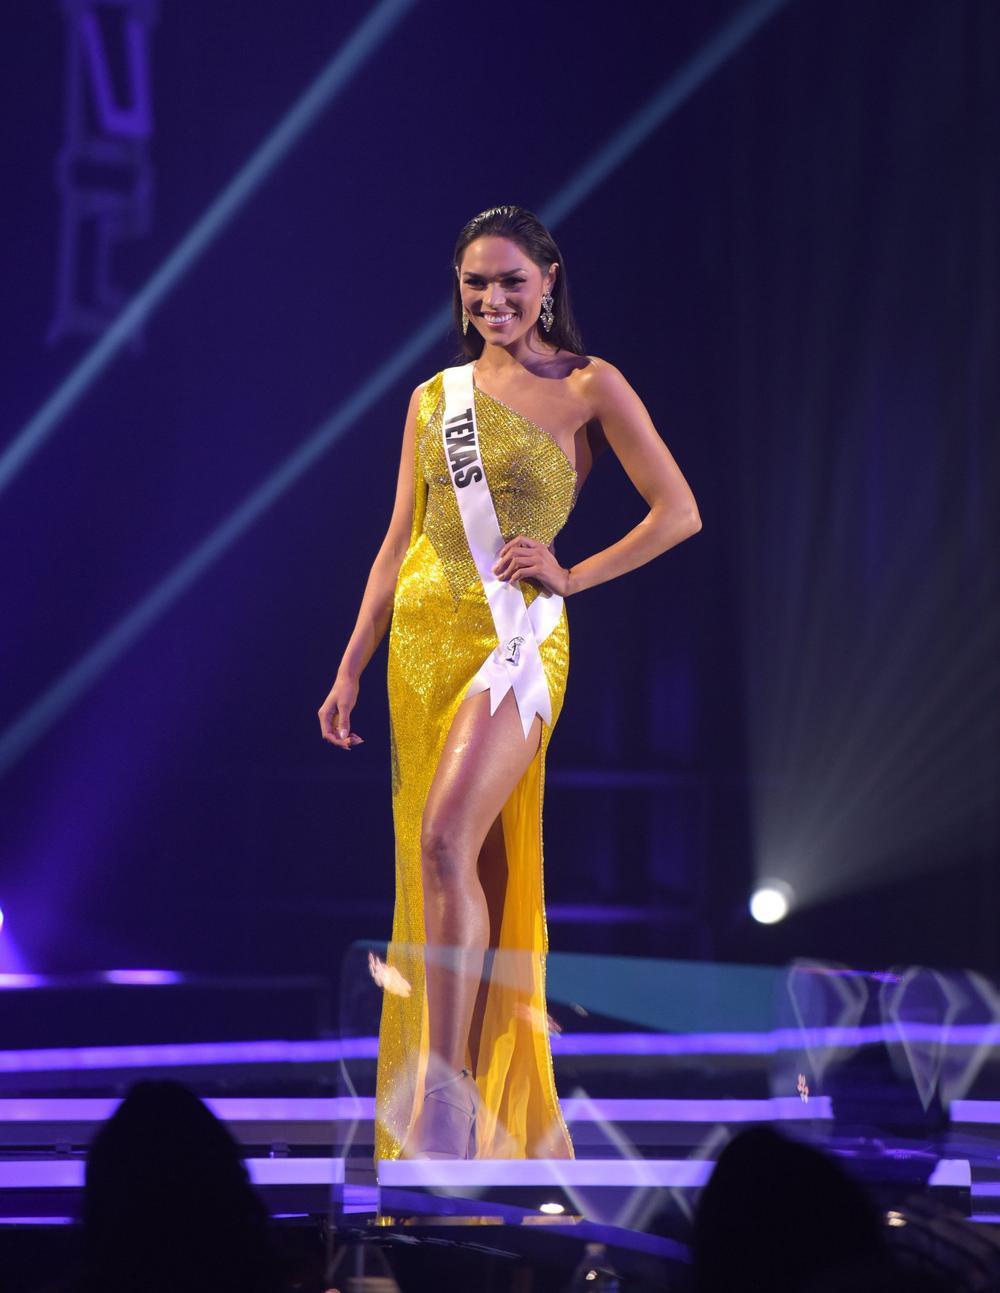 Thí sinh Miss USA mặc lạc quẻ giống Kiều Loan, đạo nhái váy Hoàng Thùy trong phần thi dạ hội Ảnh 19